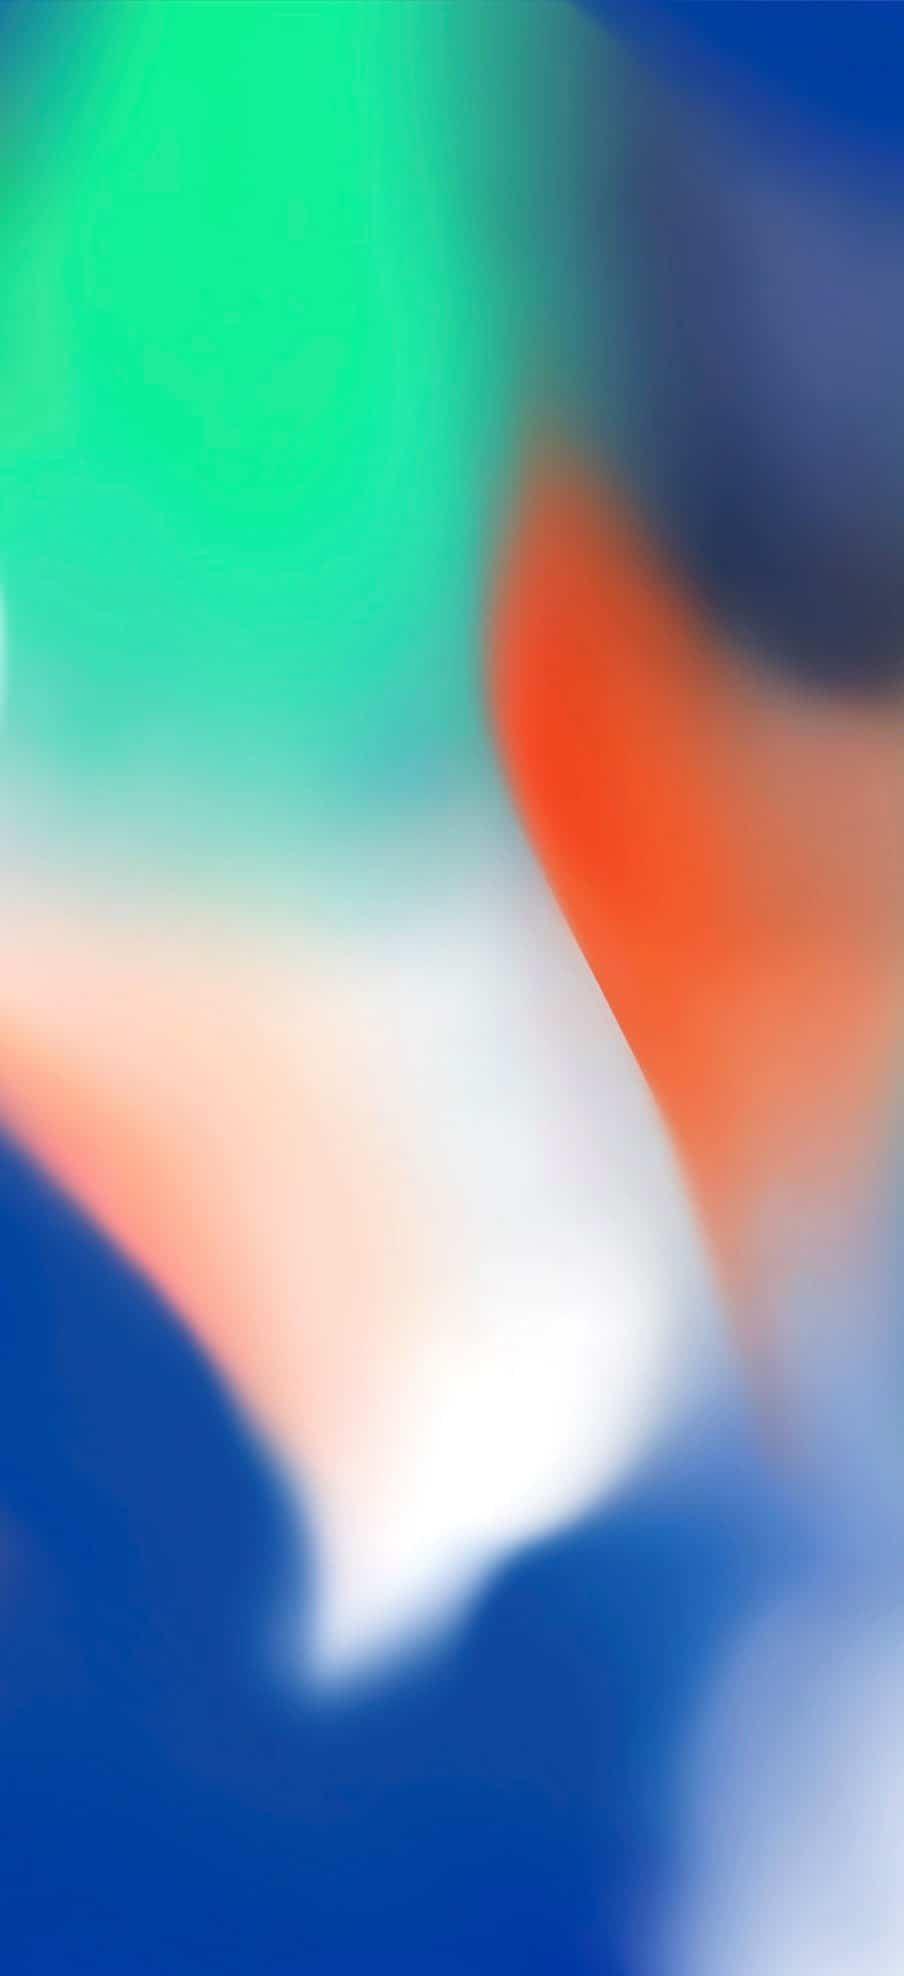 Fabuloso Baixe os papéis de parede do iPhone X para o seu smartphone | Apptuts VA57